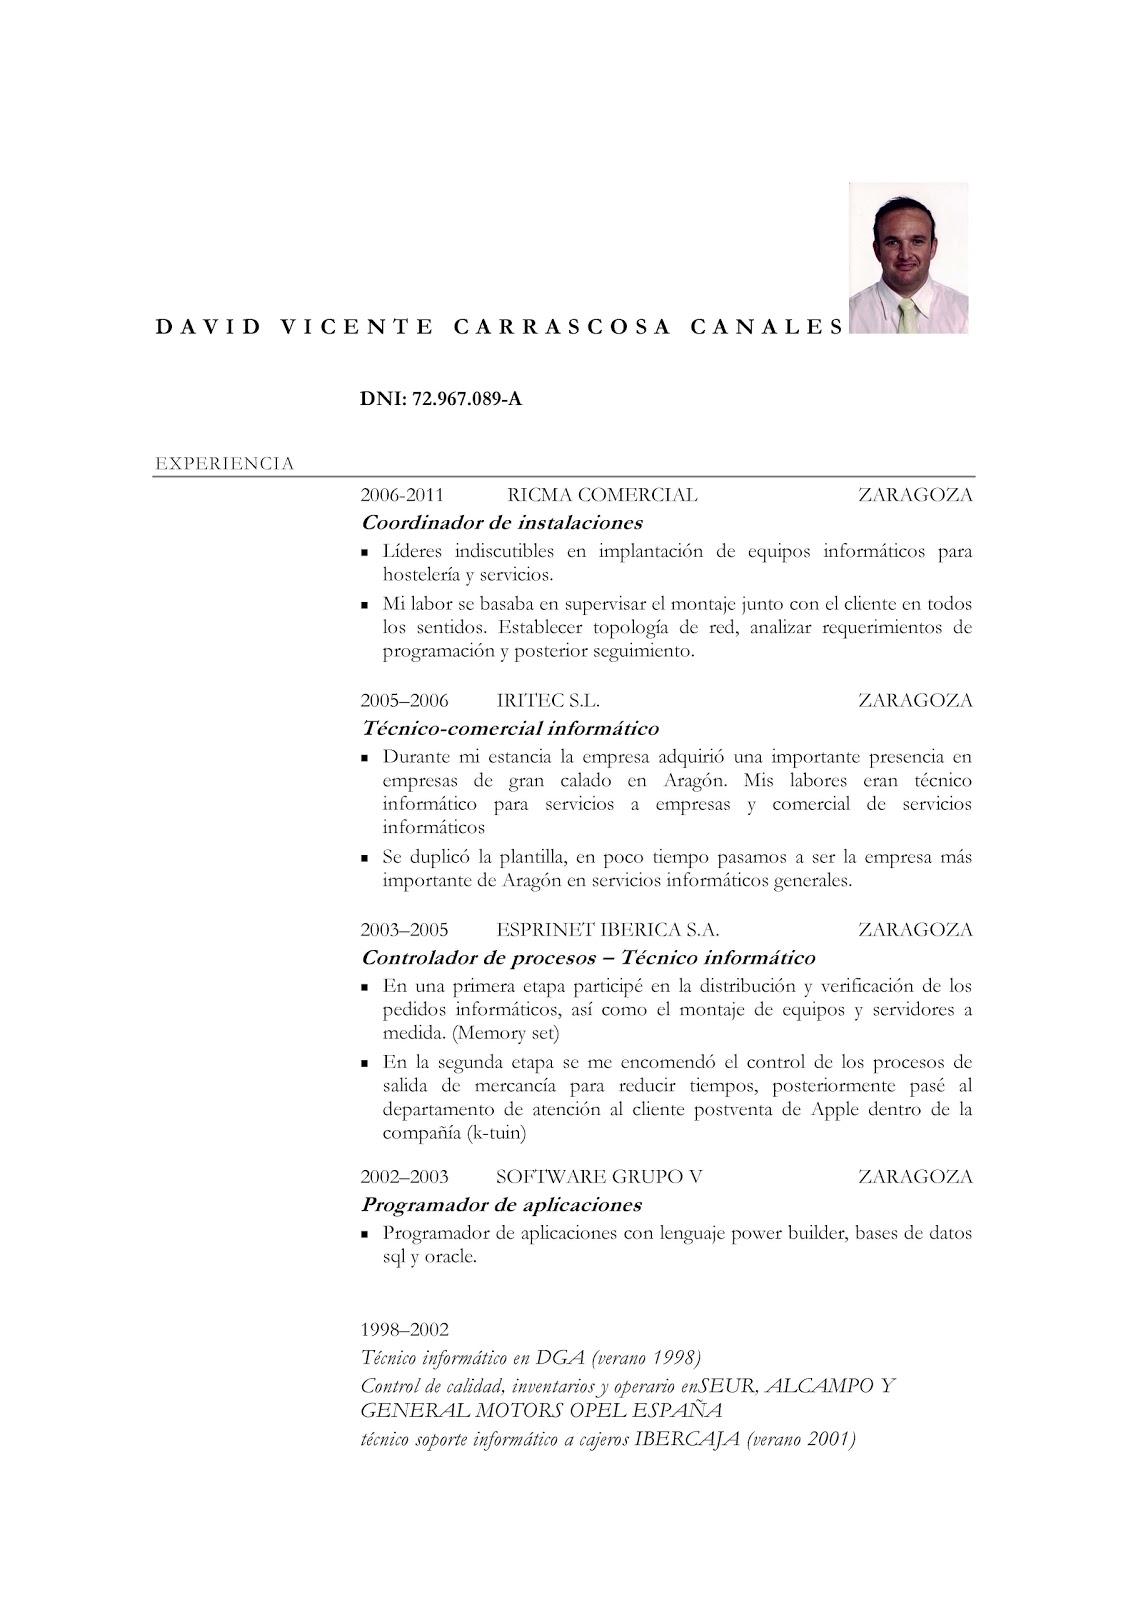 David Vicente Carrascosa Canales: CURRICULUM VITAE